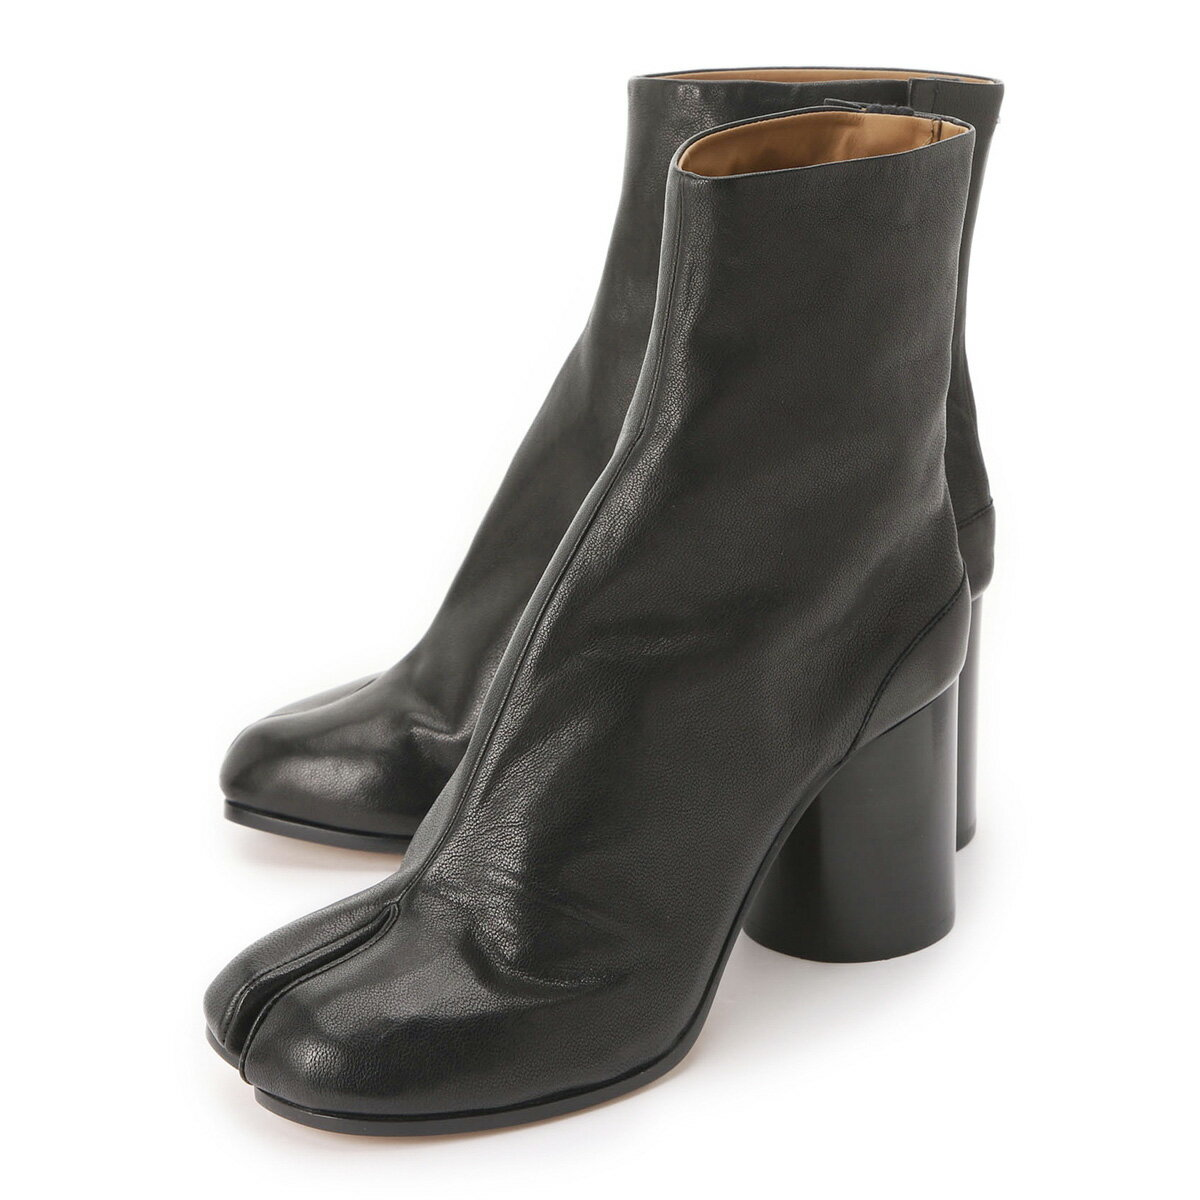 ブーツ, その他  Maison Margiela s58wu0260 p3753 t8013 TABI